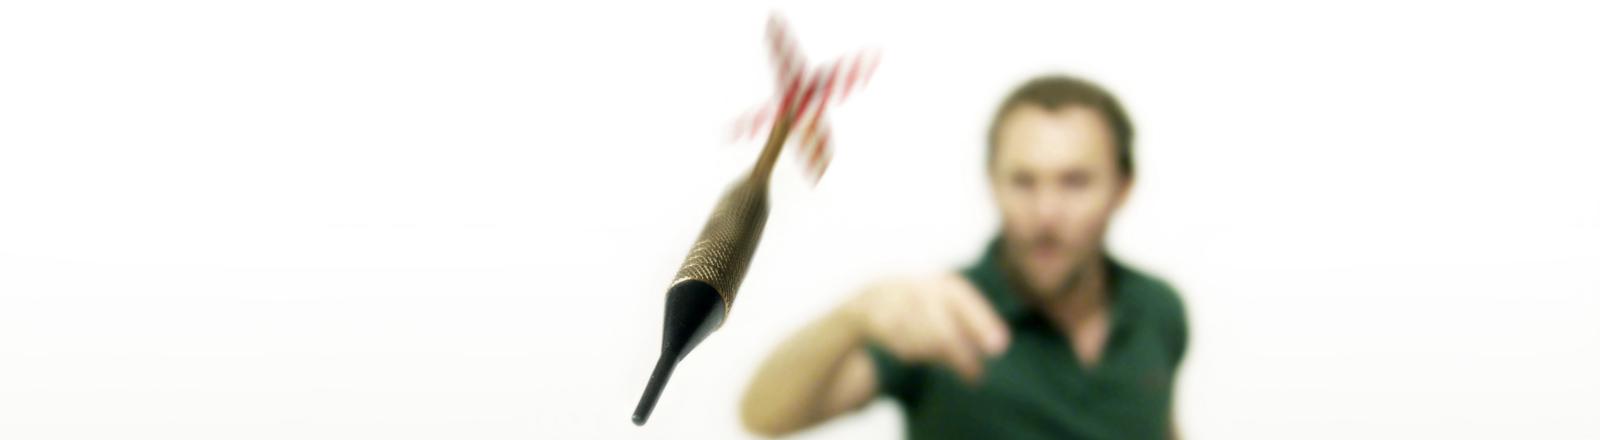 Dartpfeil fliegt, Spieler im Hintergrund